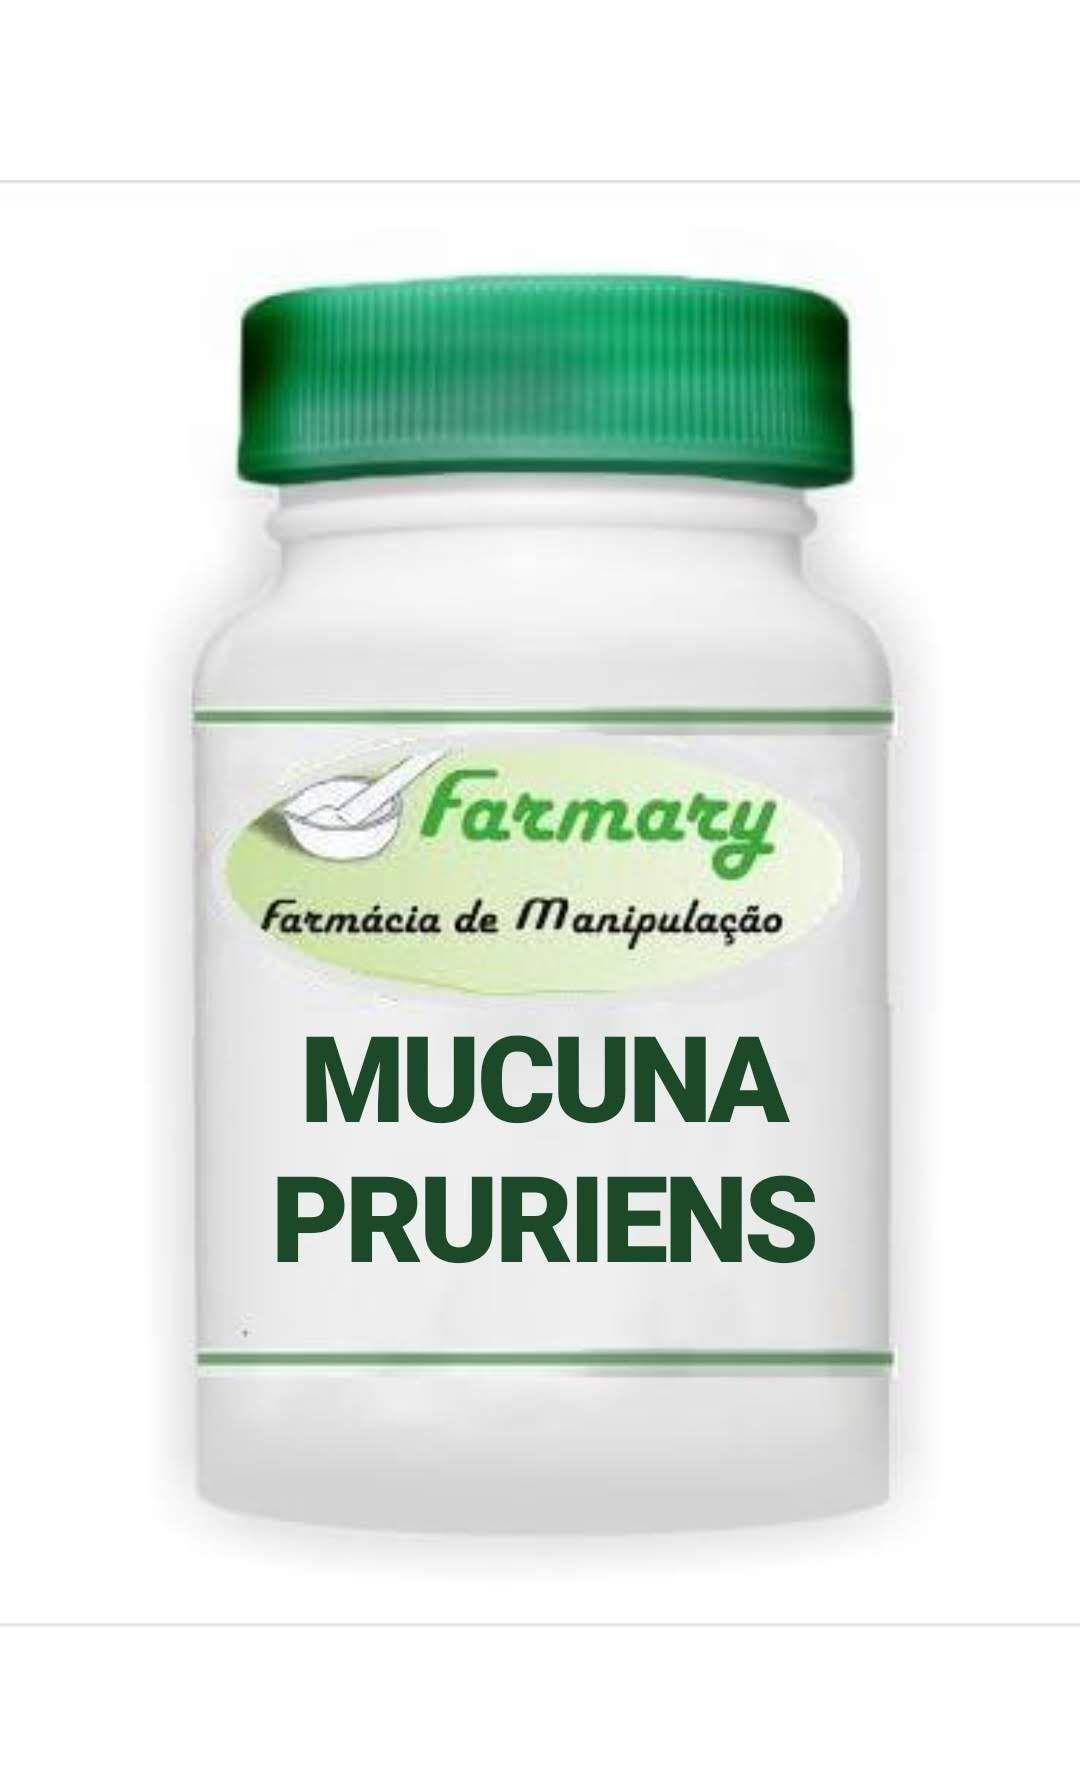 MUCUNA